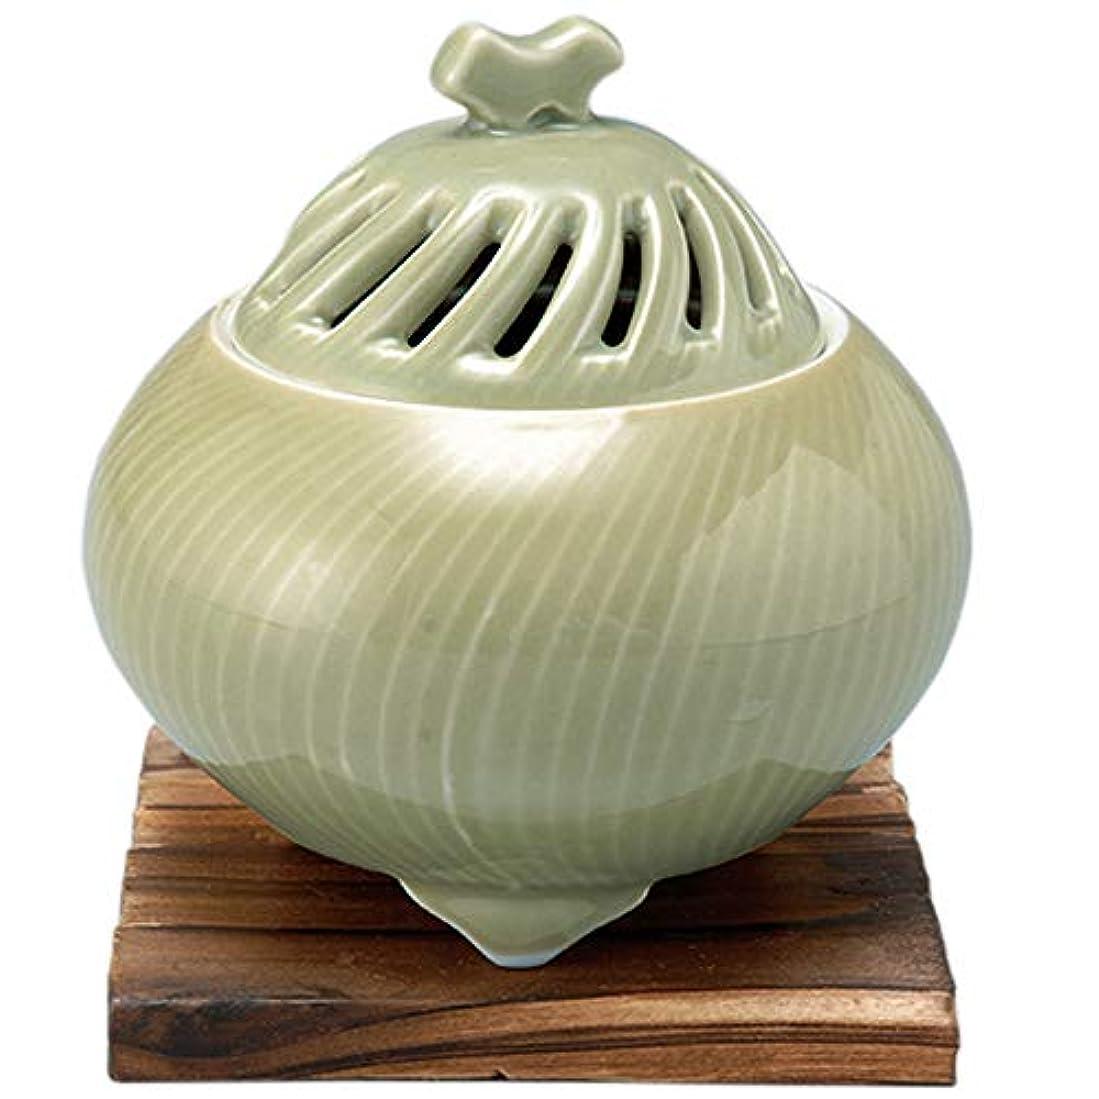 スプレースリーブ不適香炉 鶯透し 丸型香炉 [R11xH11.3cm] プレゼント ギフト 和食器 かわいい インテリア